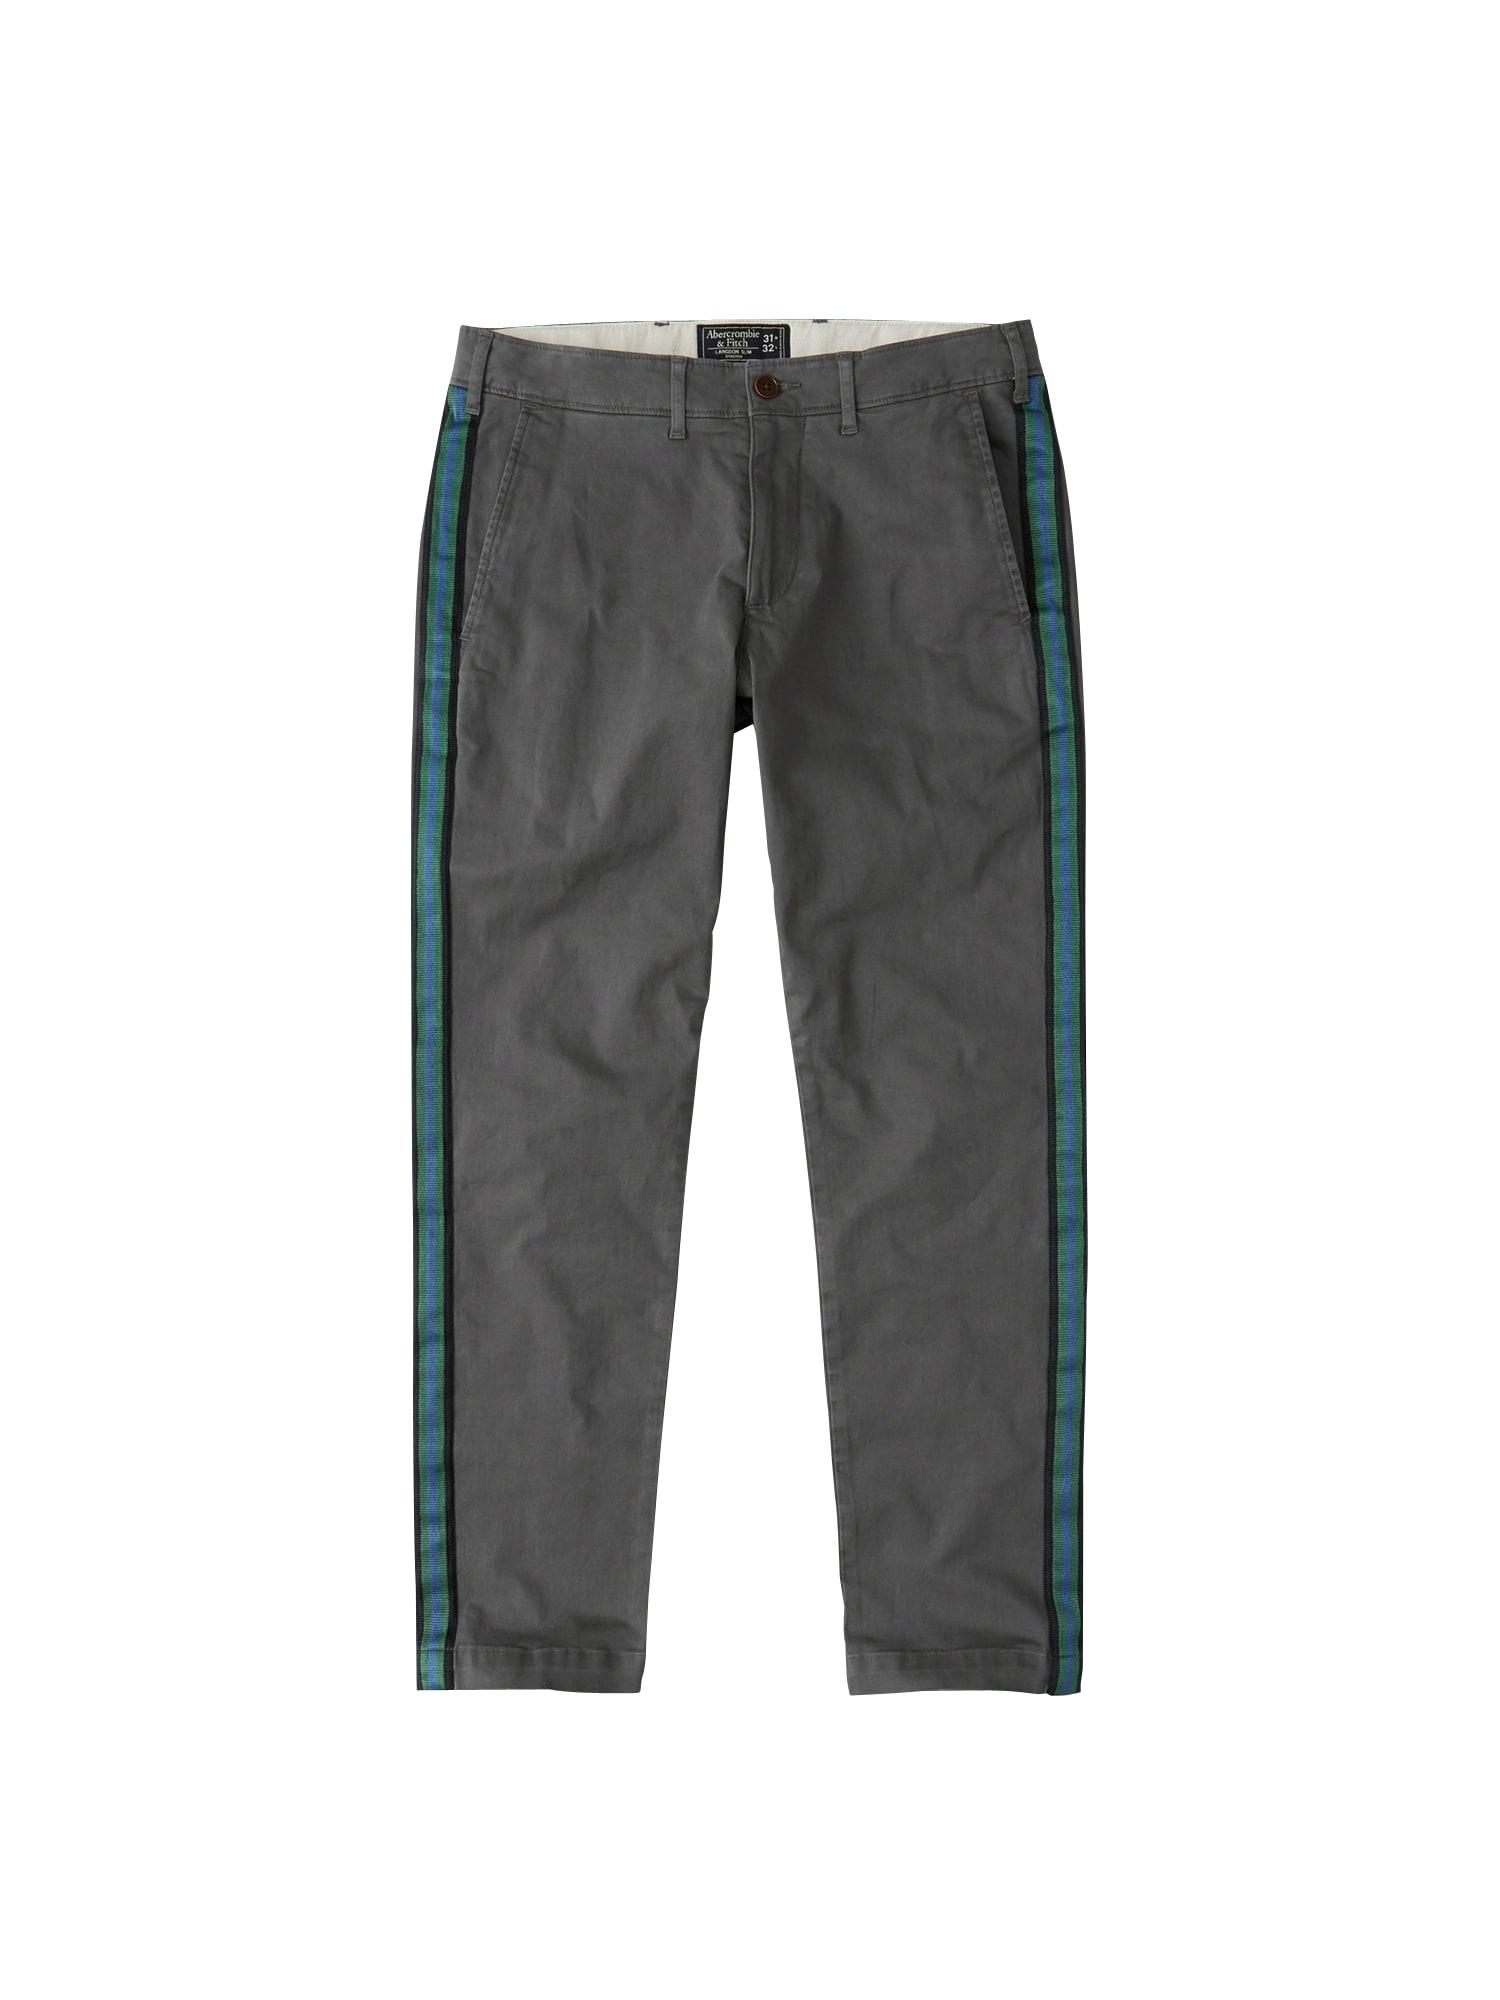 Chino kalhoty SIDE TAPE CHINO 2CC pastelová modrá šedá Abercrombie & Fitch